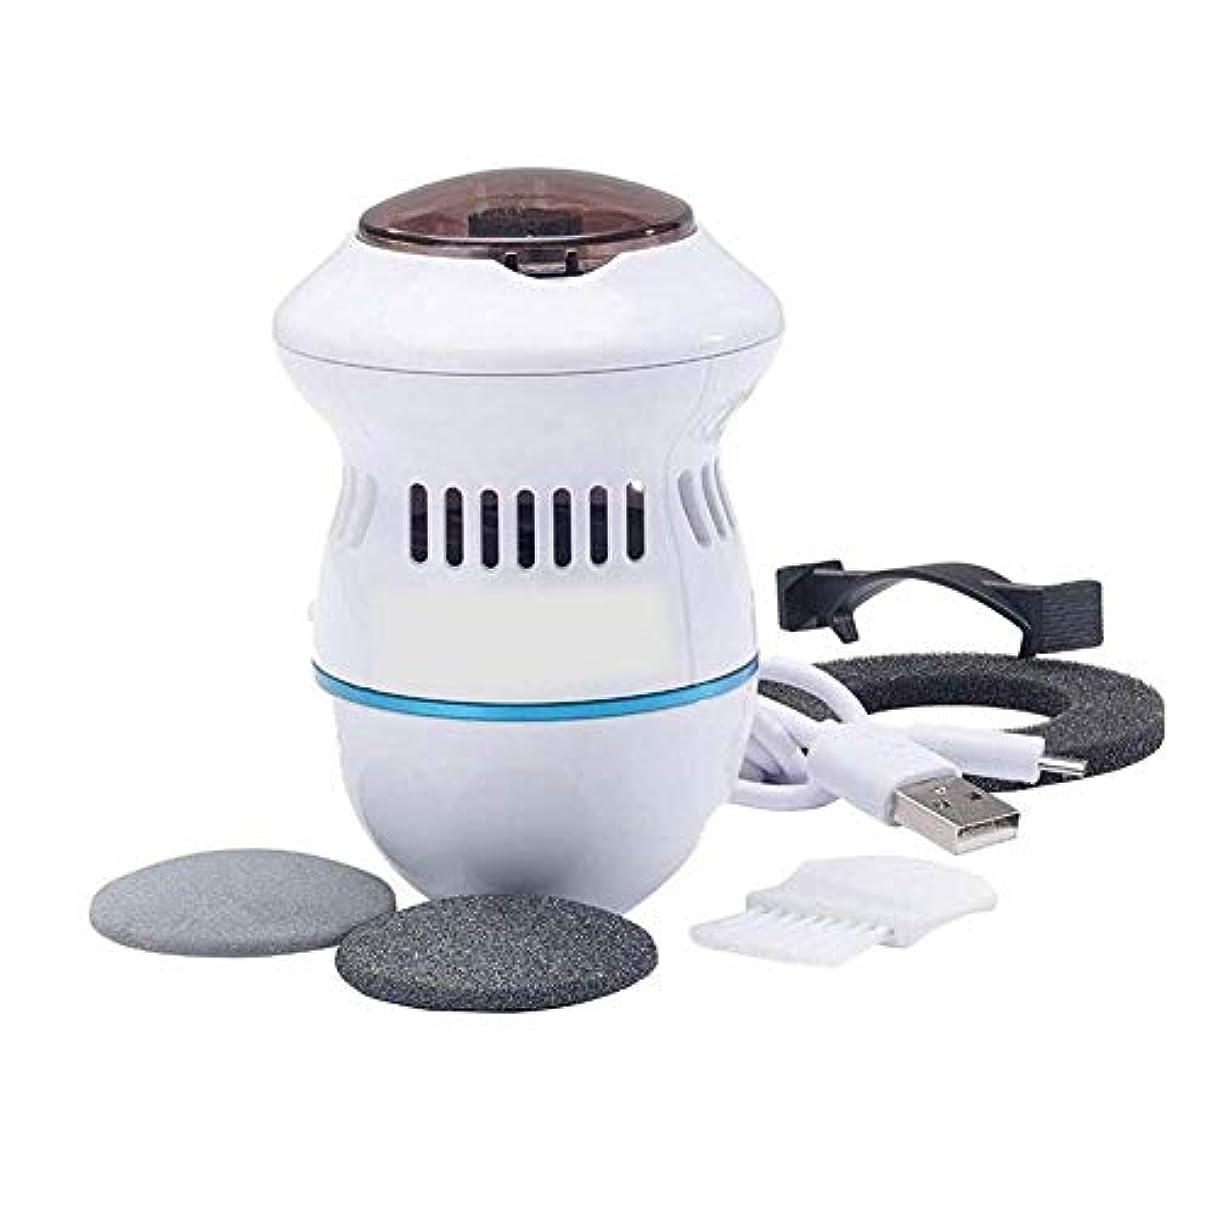 浜辺エイリアス苦難フットファイルとカルスリムーバー内蔵の足と手のための充電式電動電動カルス